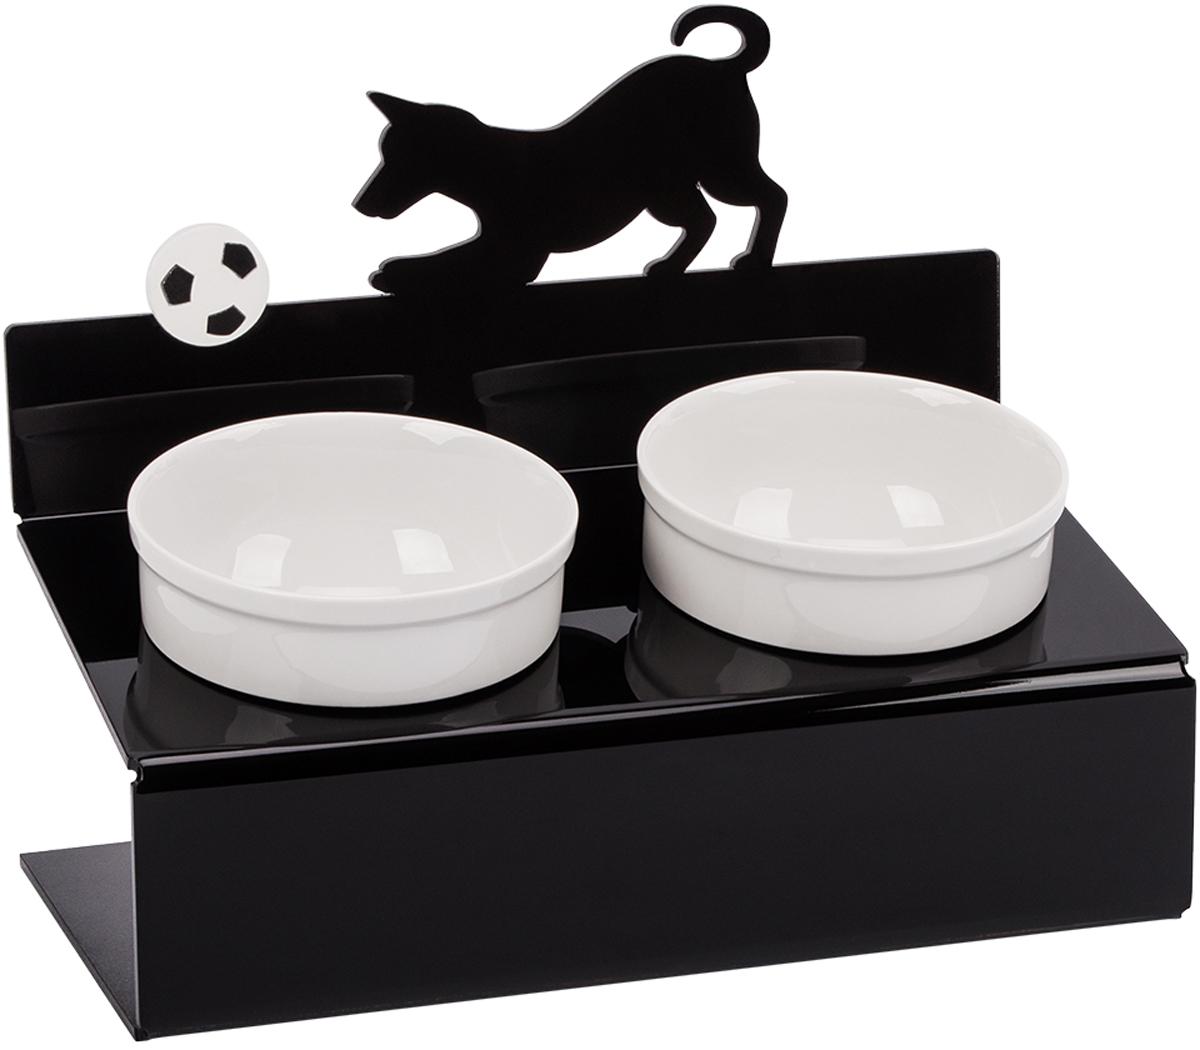 Миска для животныx Artmiska  Собака и мяч , двойная, на подставке, цвет: черный, 2 x 350 мл - Аксессуары для кормления